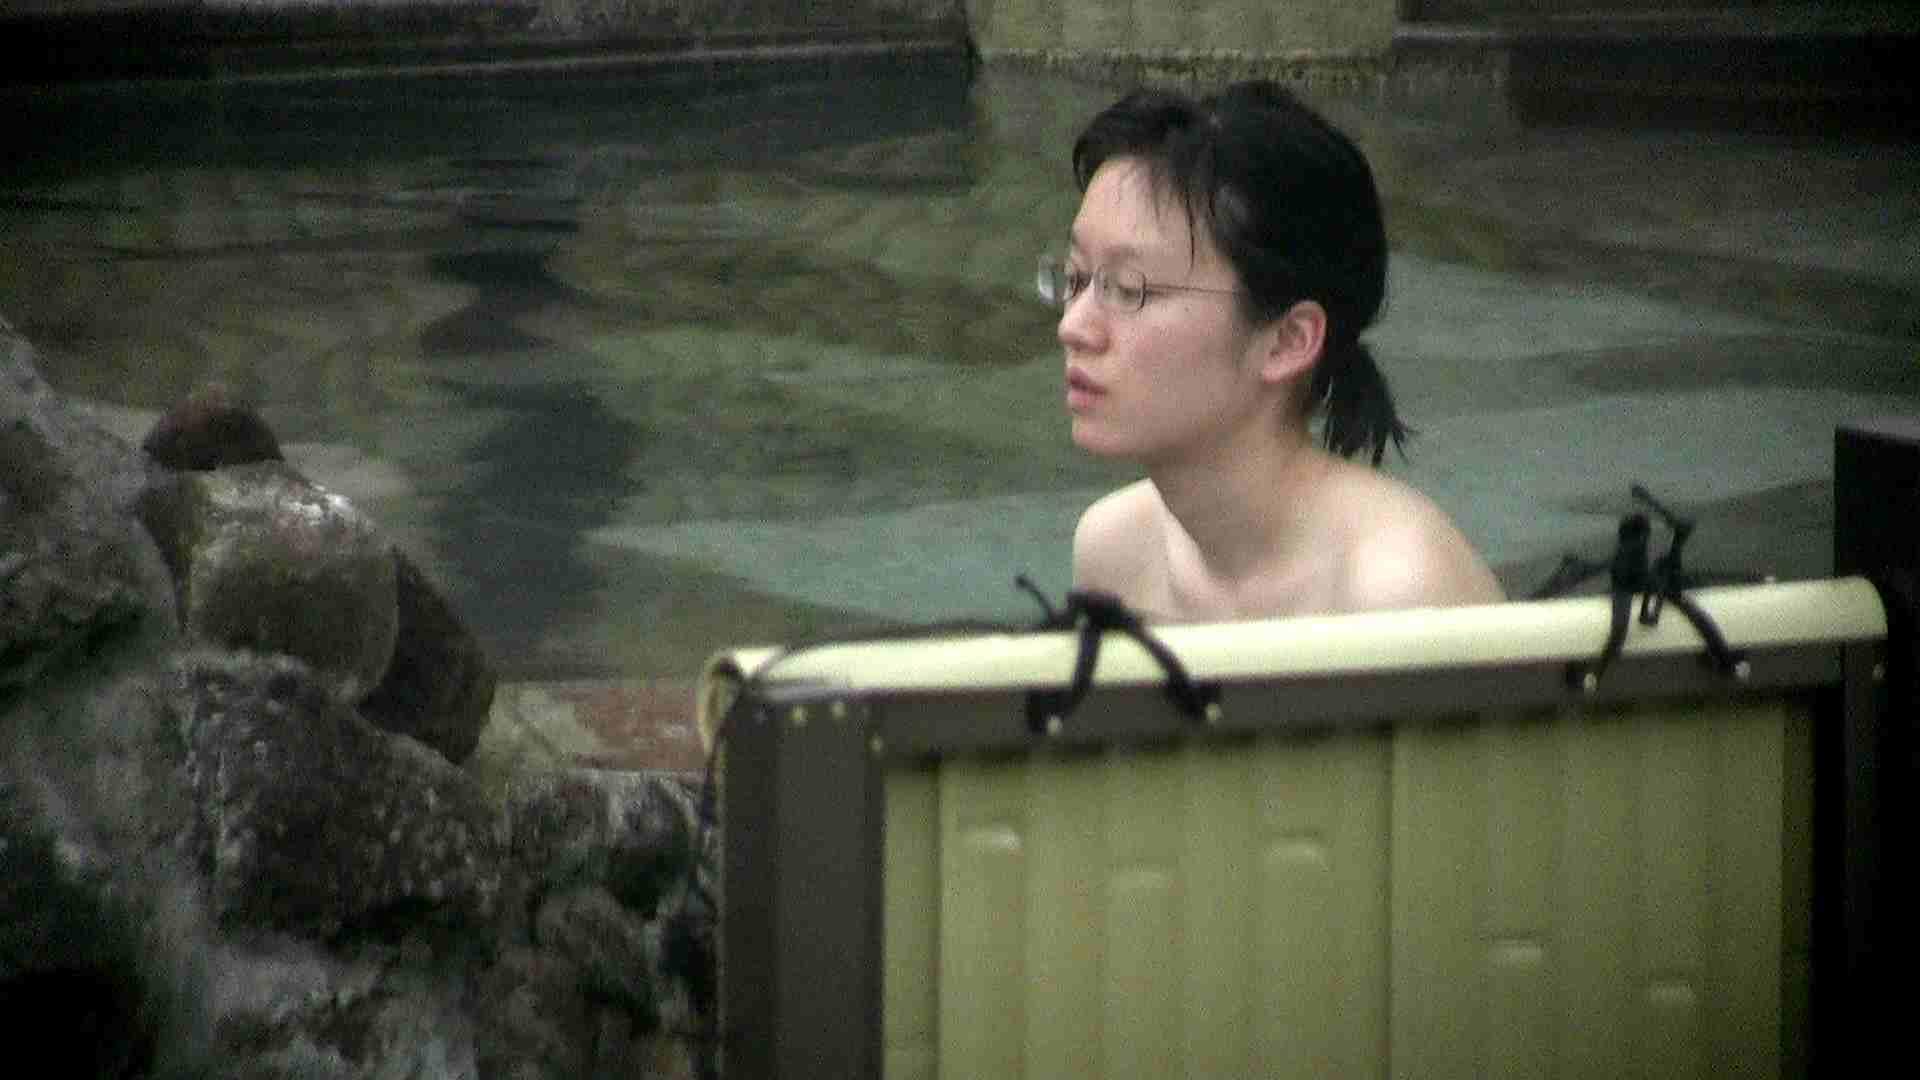 Aquaな露天風呂Vol.684 OLのエロ生活  59連発 3